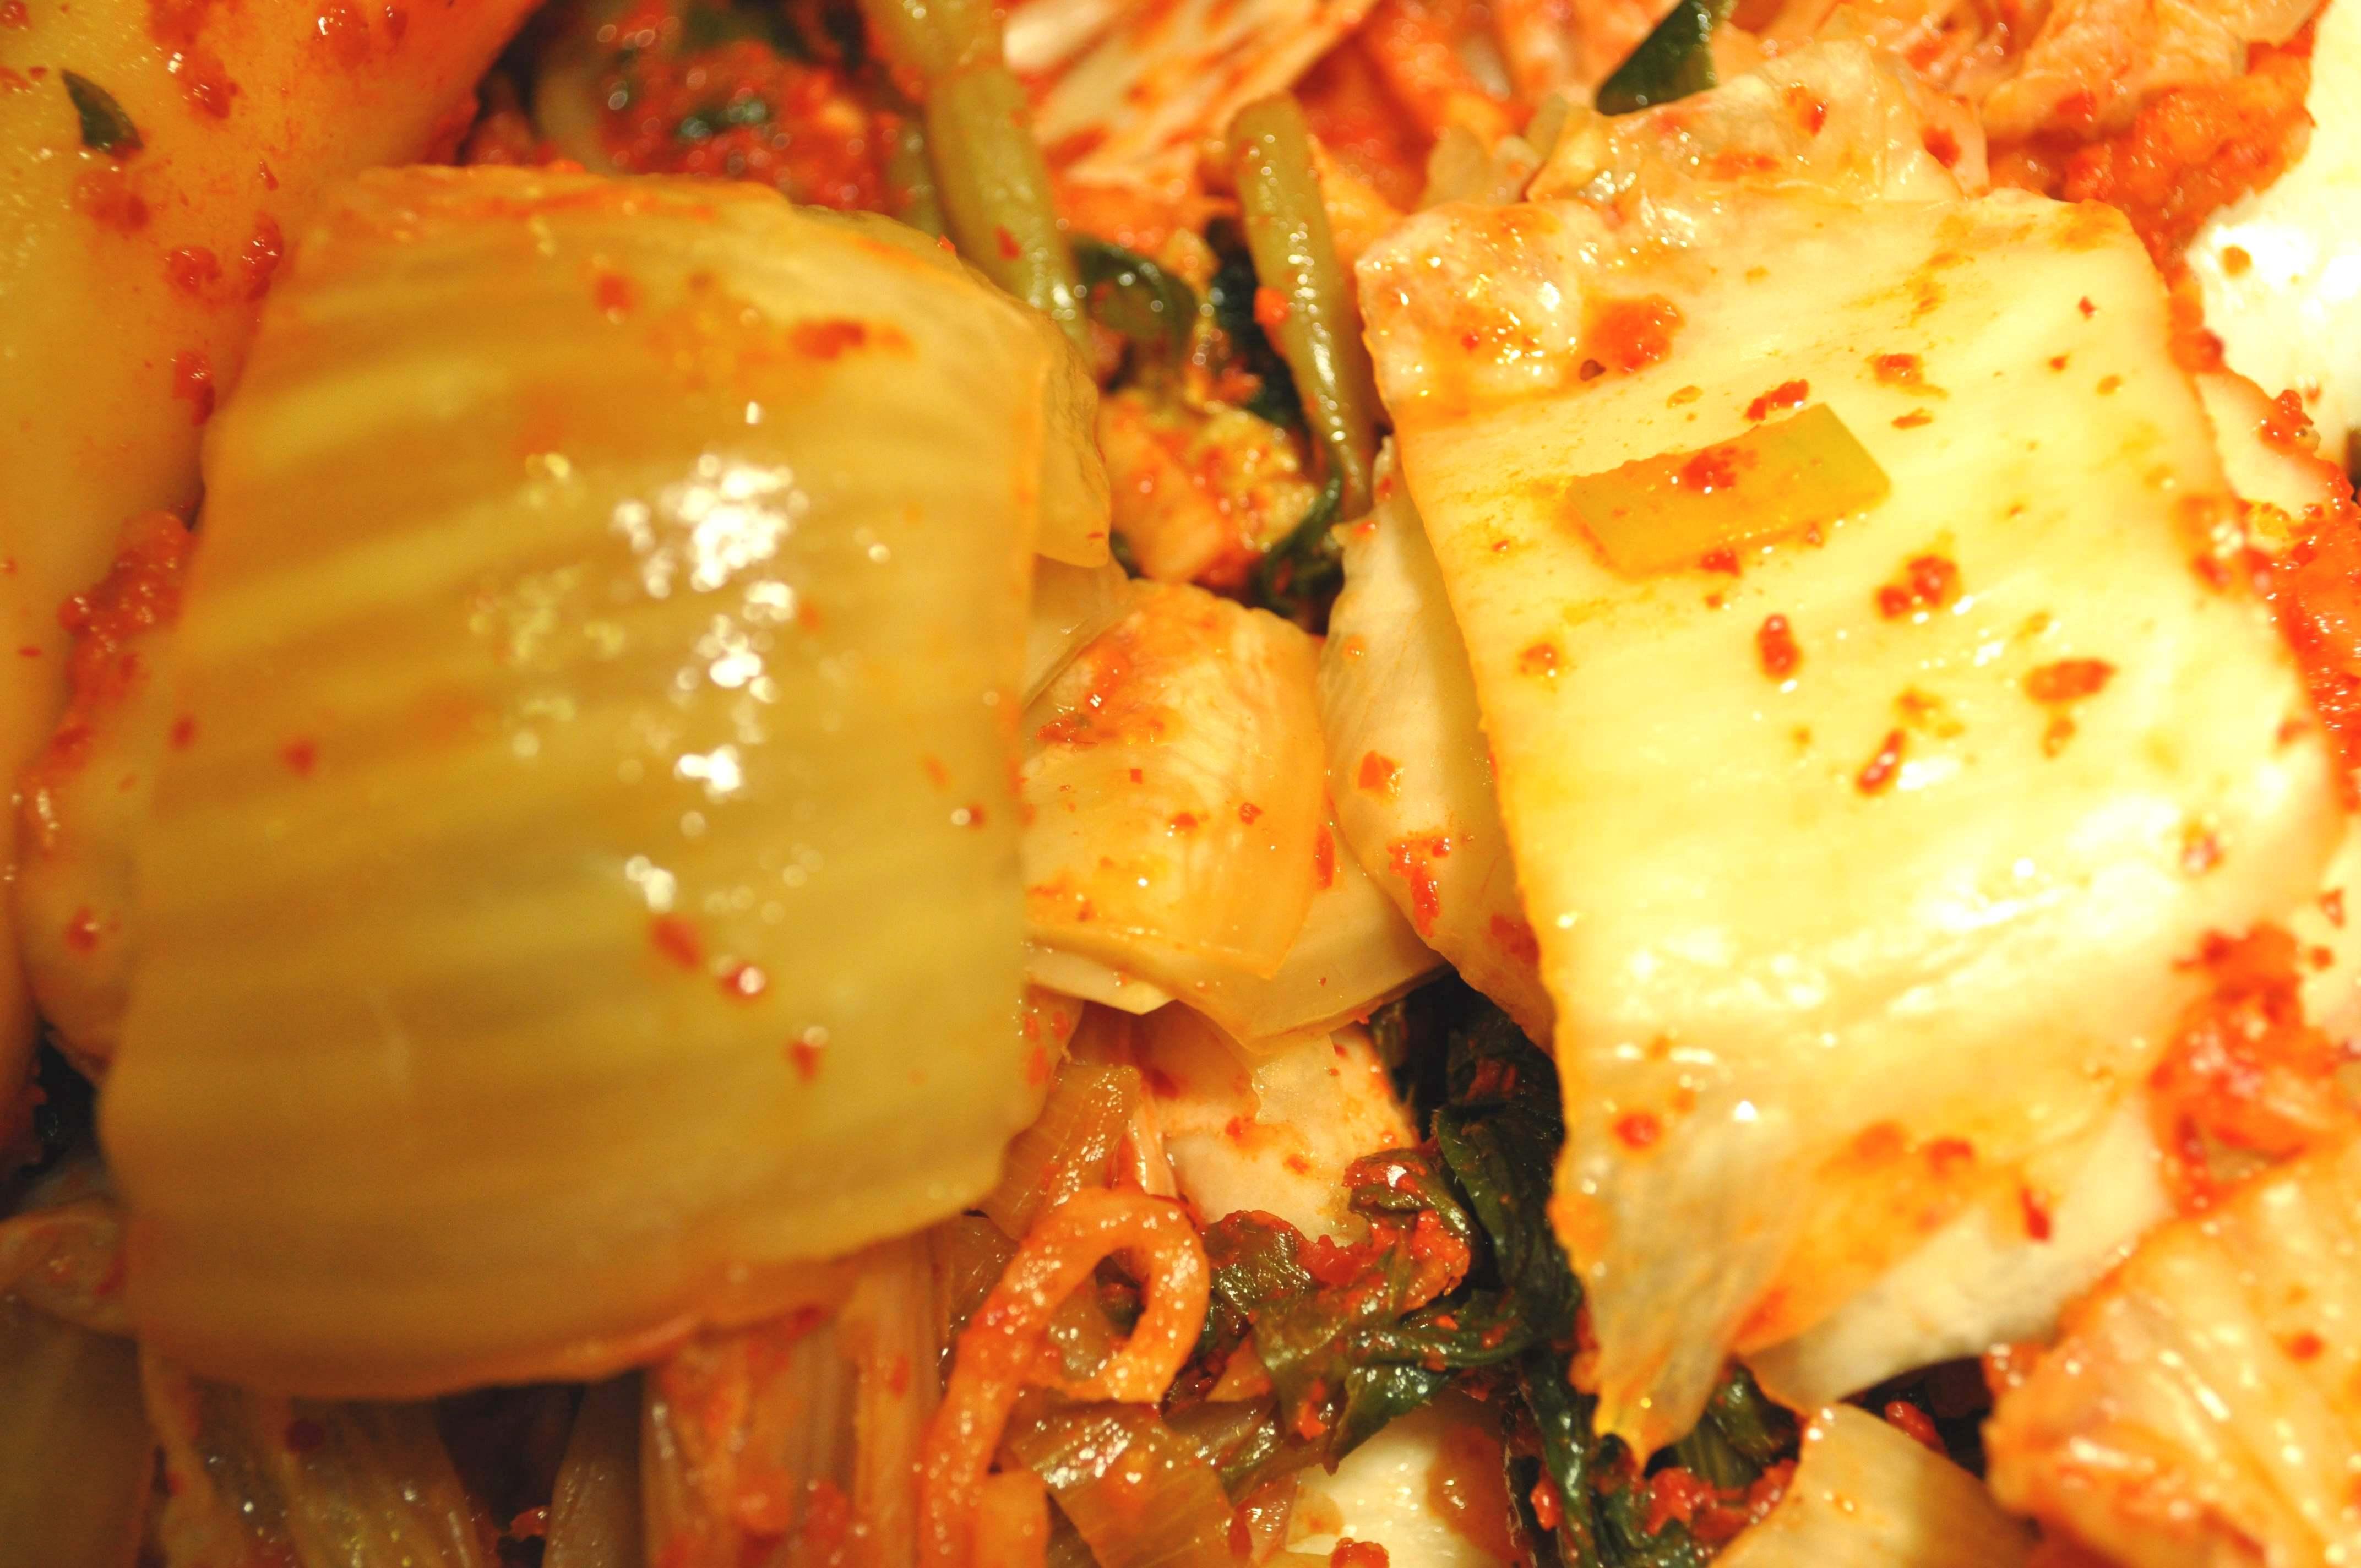 aged kimchi vs ripe kimchi